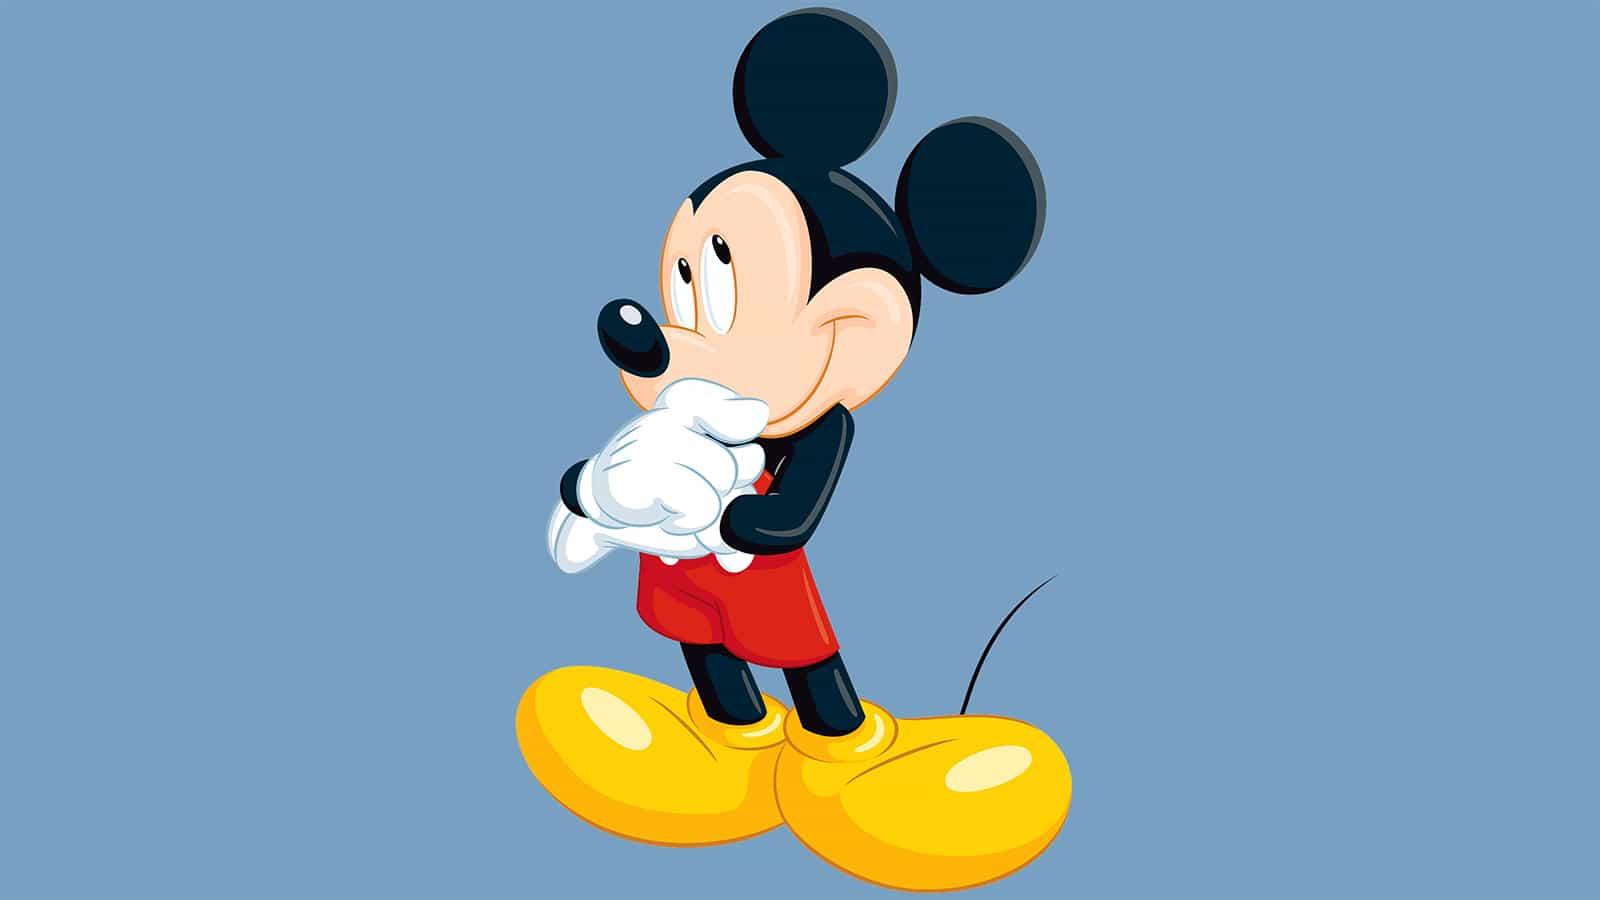 Mickey Mouse desde arriba sigue siendo lo más espantoso de Internet